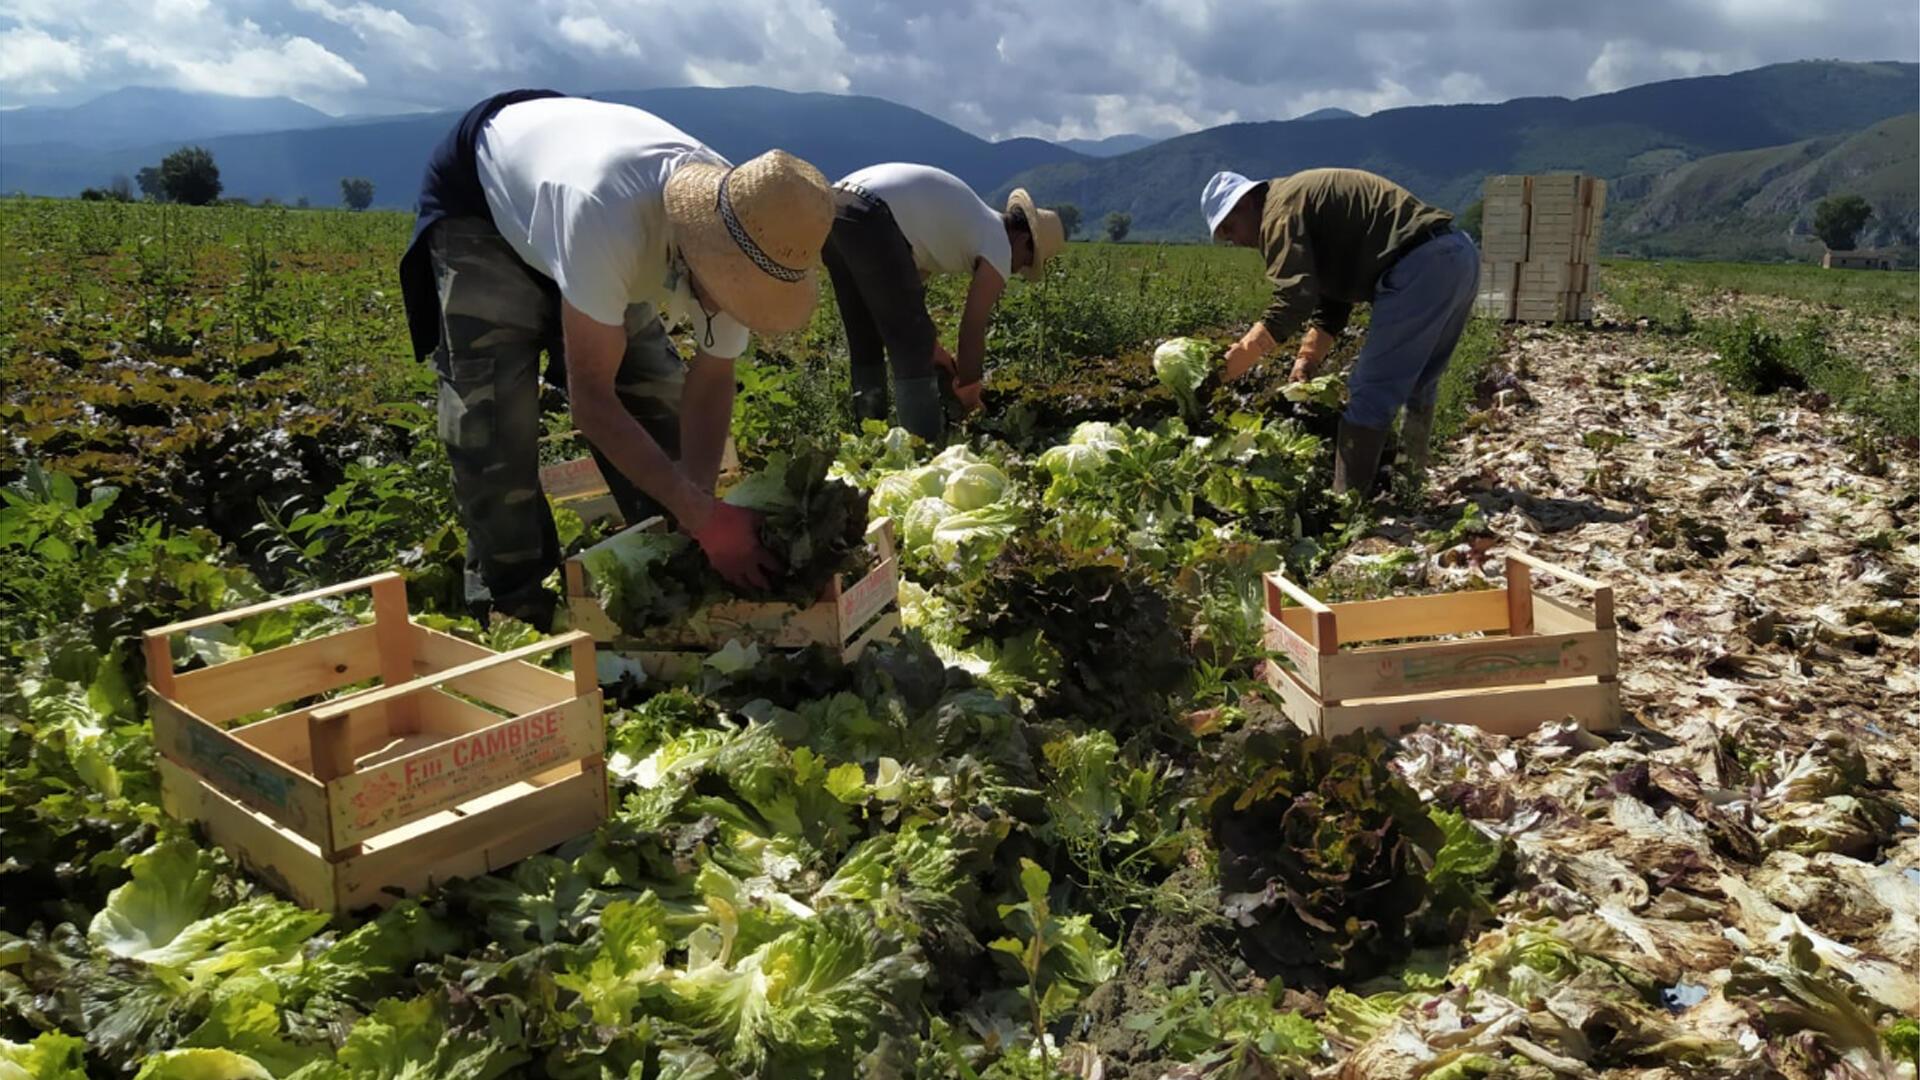 Saisonniers en Italie - Récolte de la salade dans l'entreprise de Fabrizio Lobene.